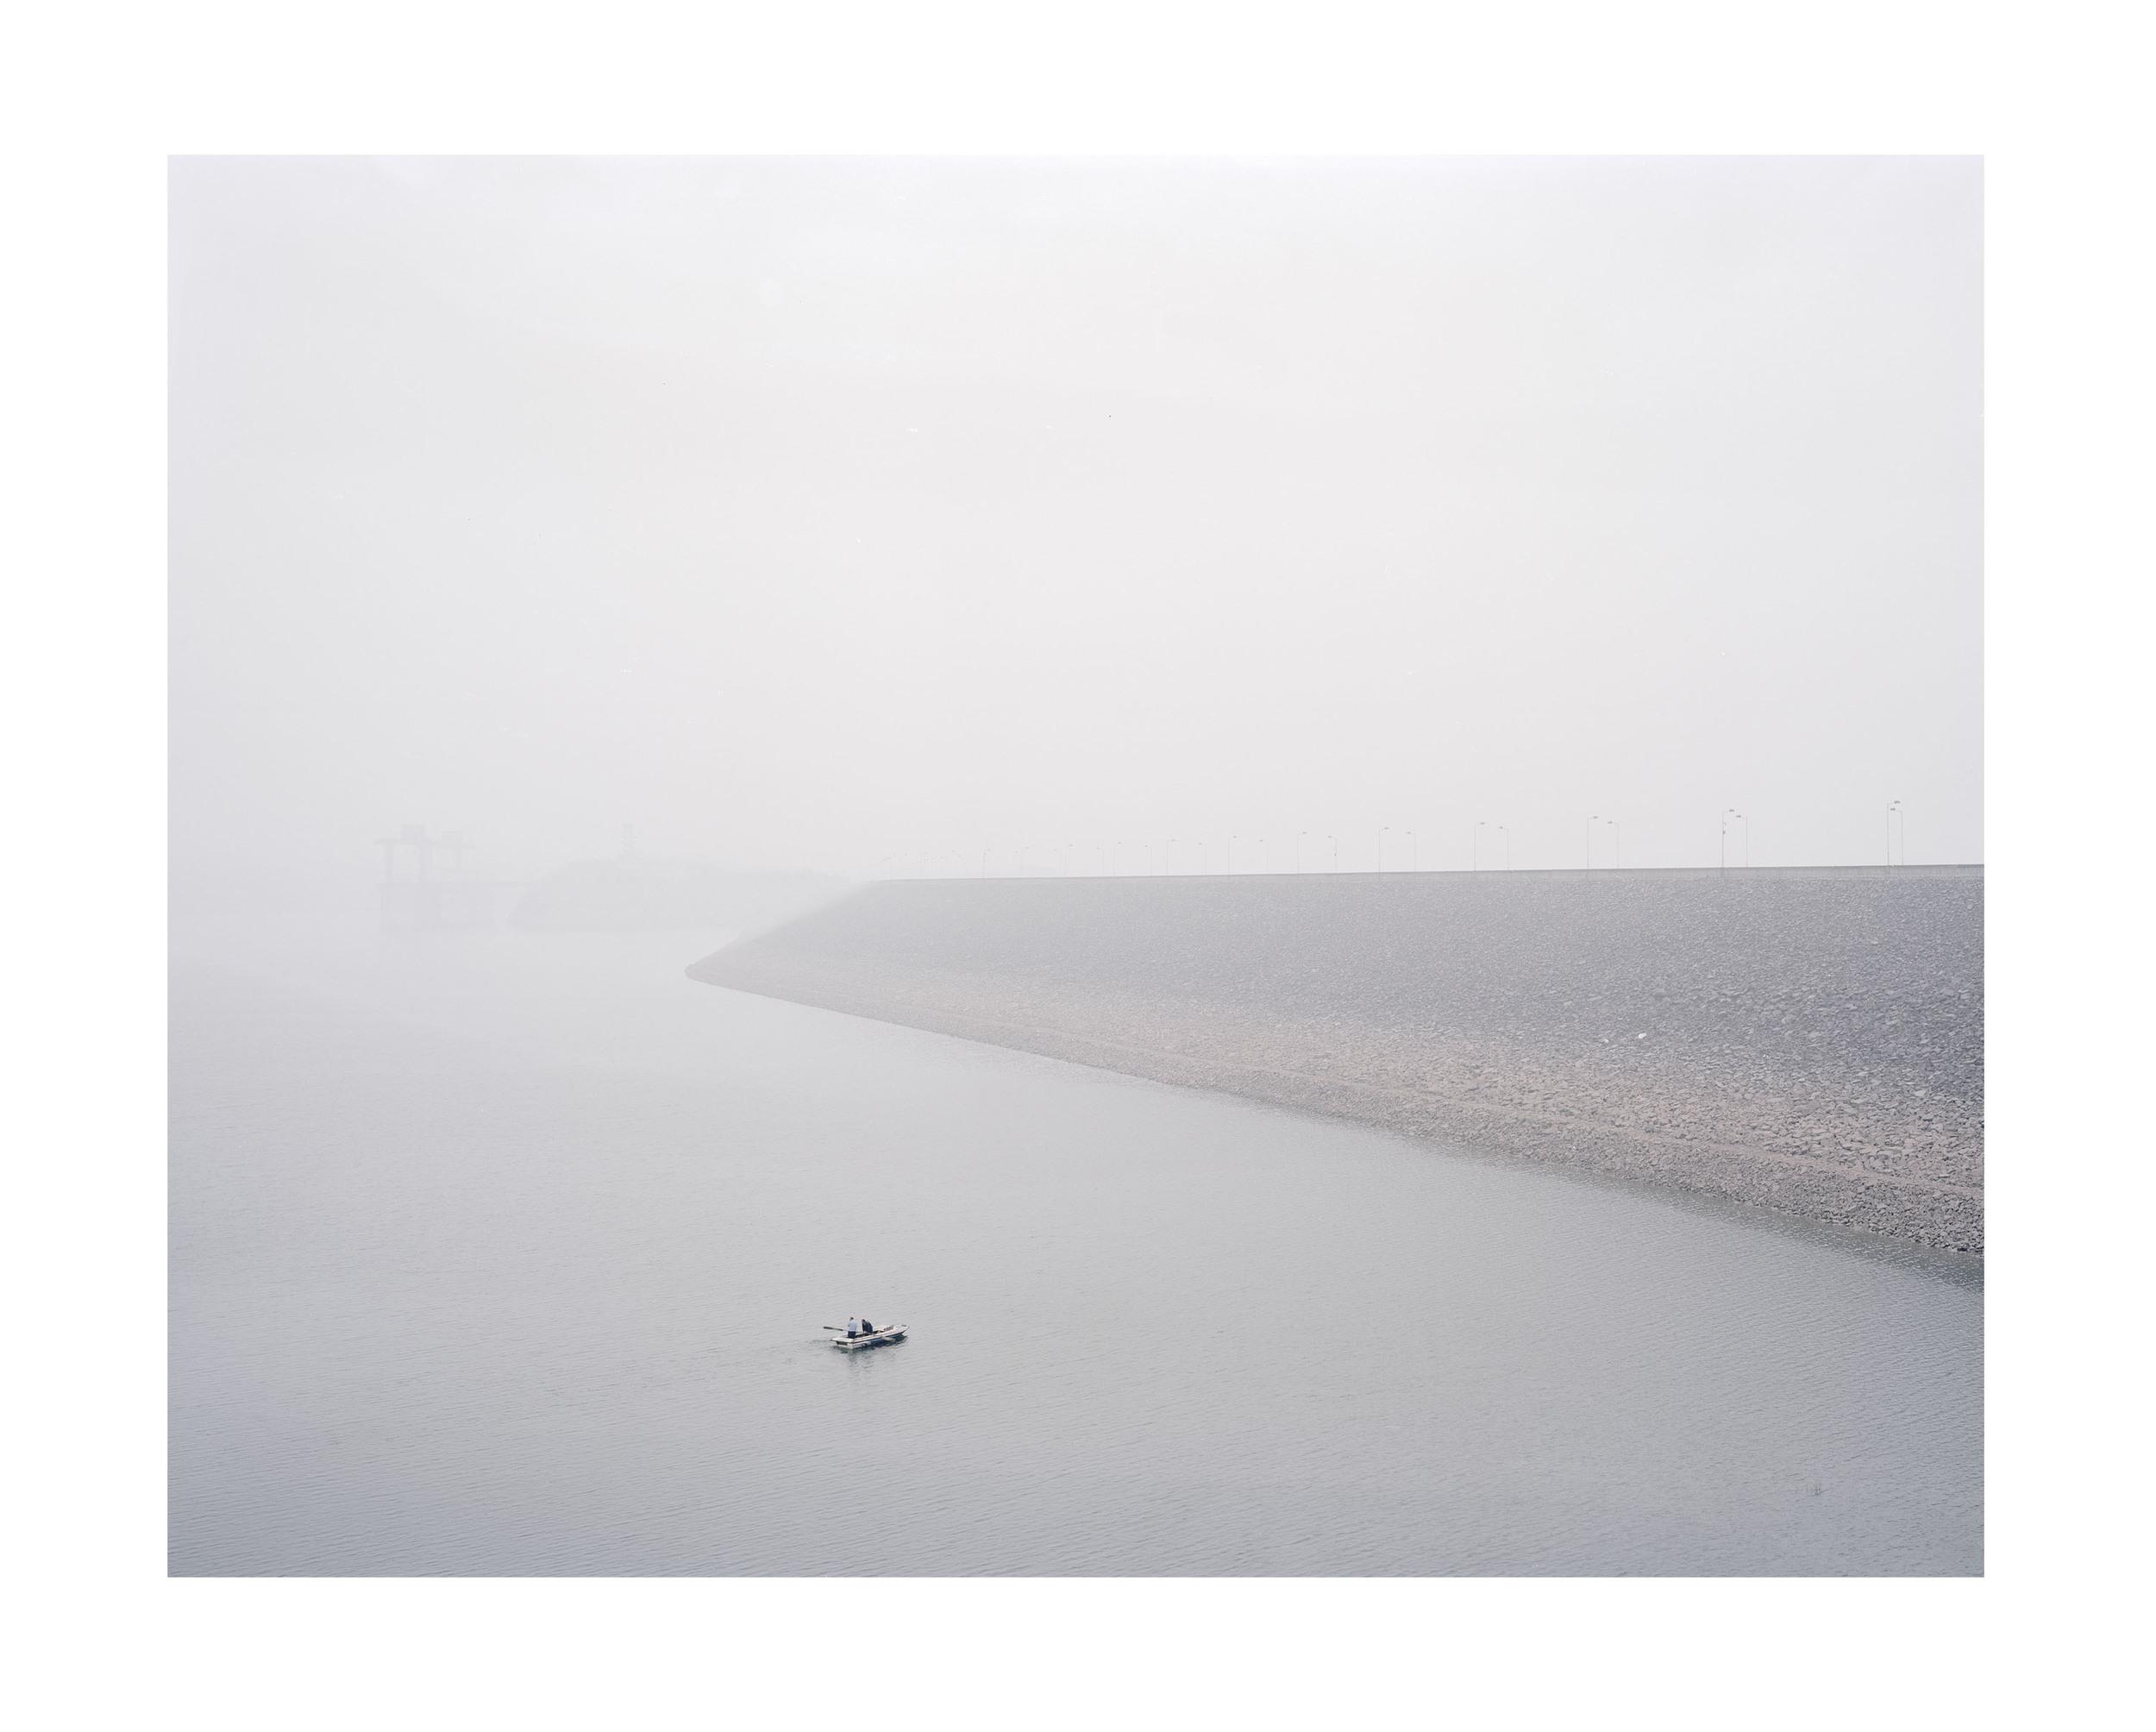 小浪底水壩, 河南, 2011       100 x 120 厘米/ 112x 138 厘米/ 140 x 168 厘米